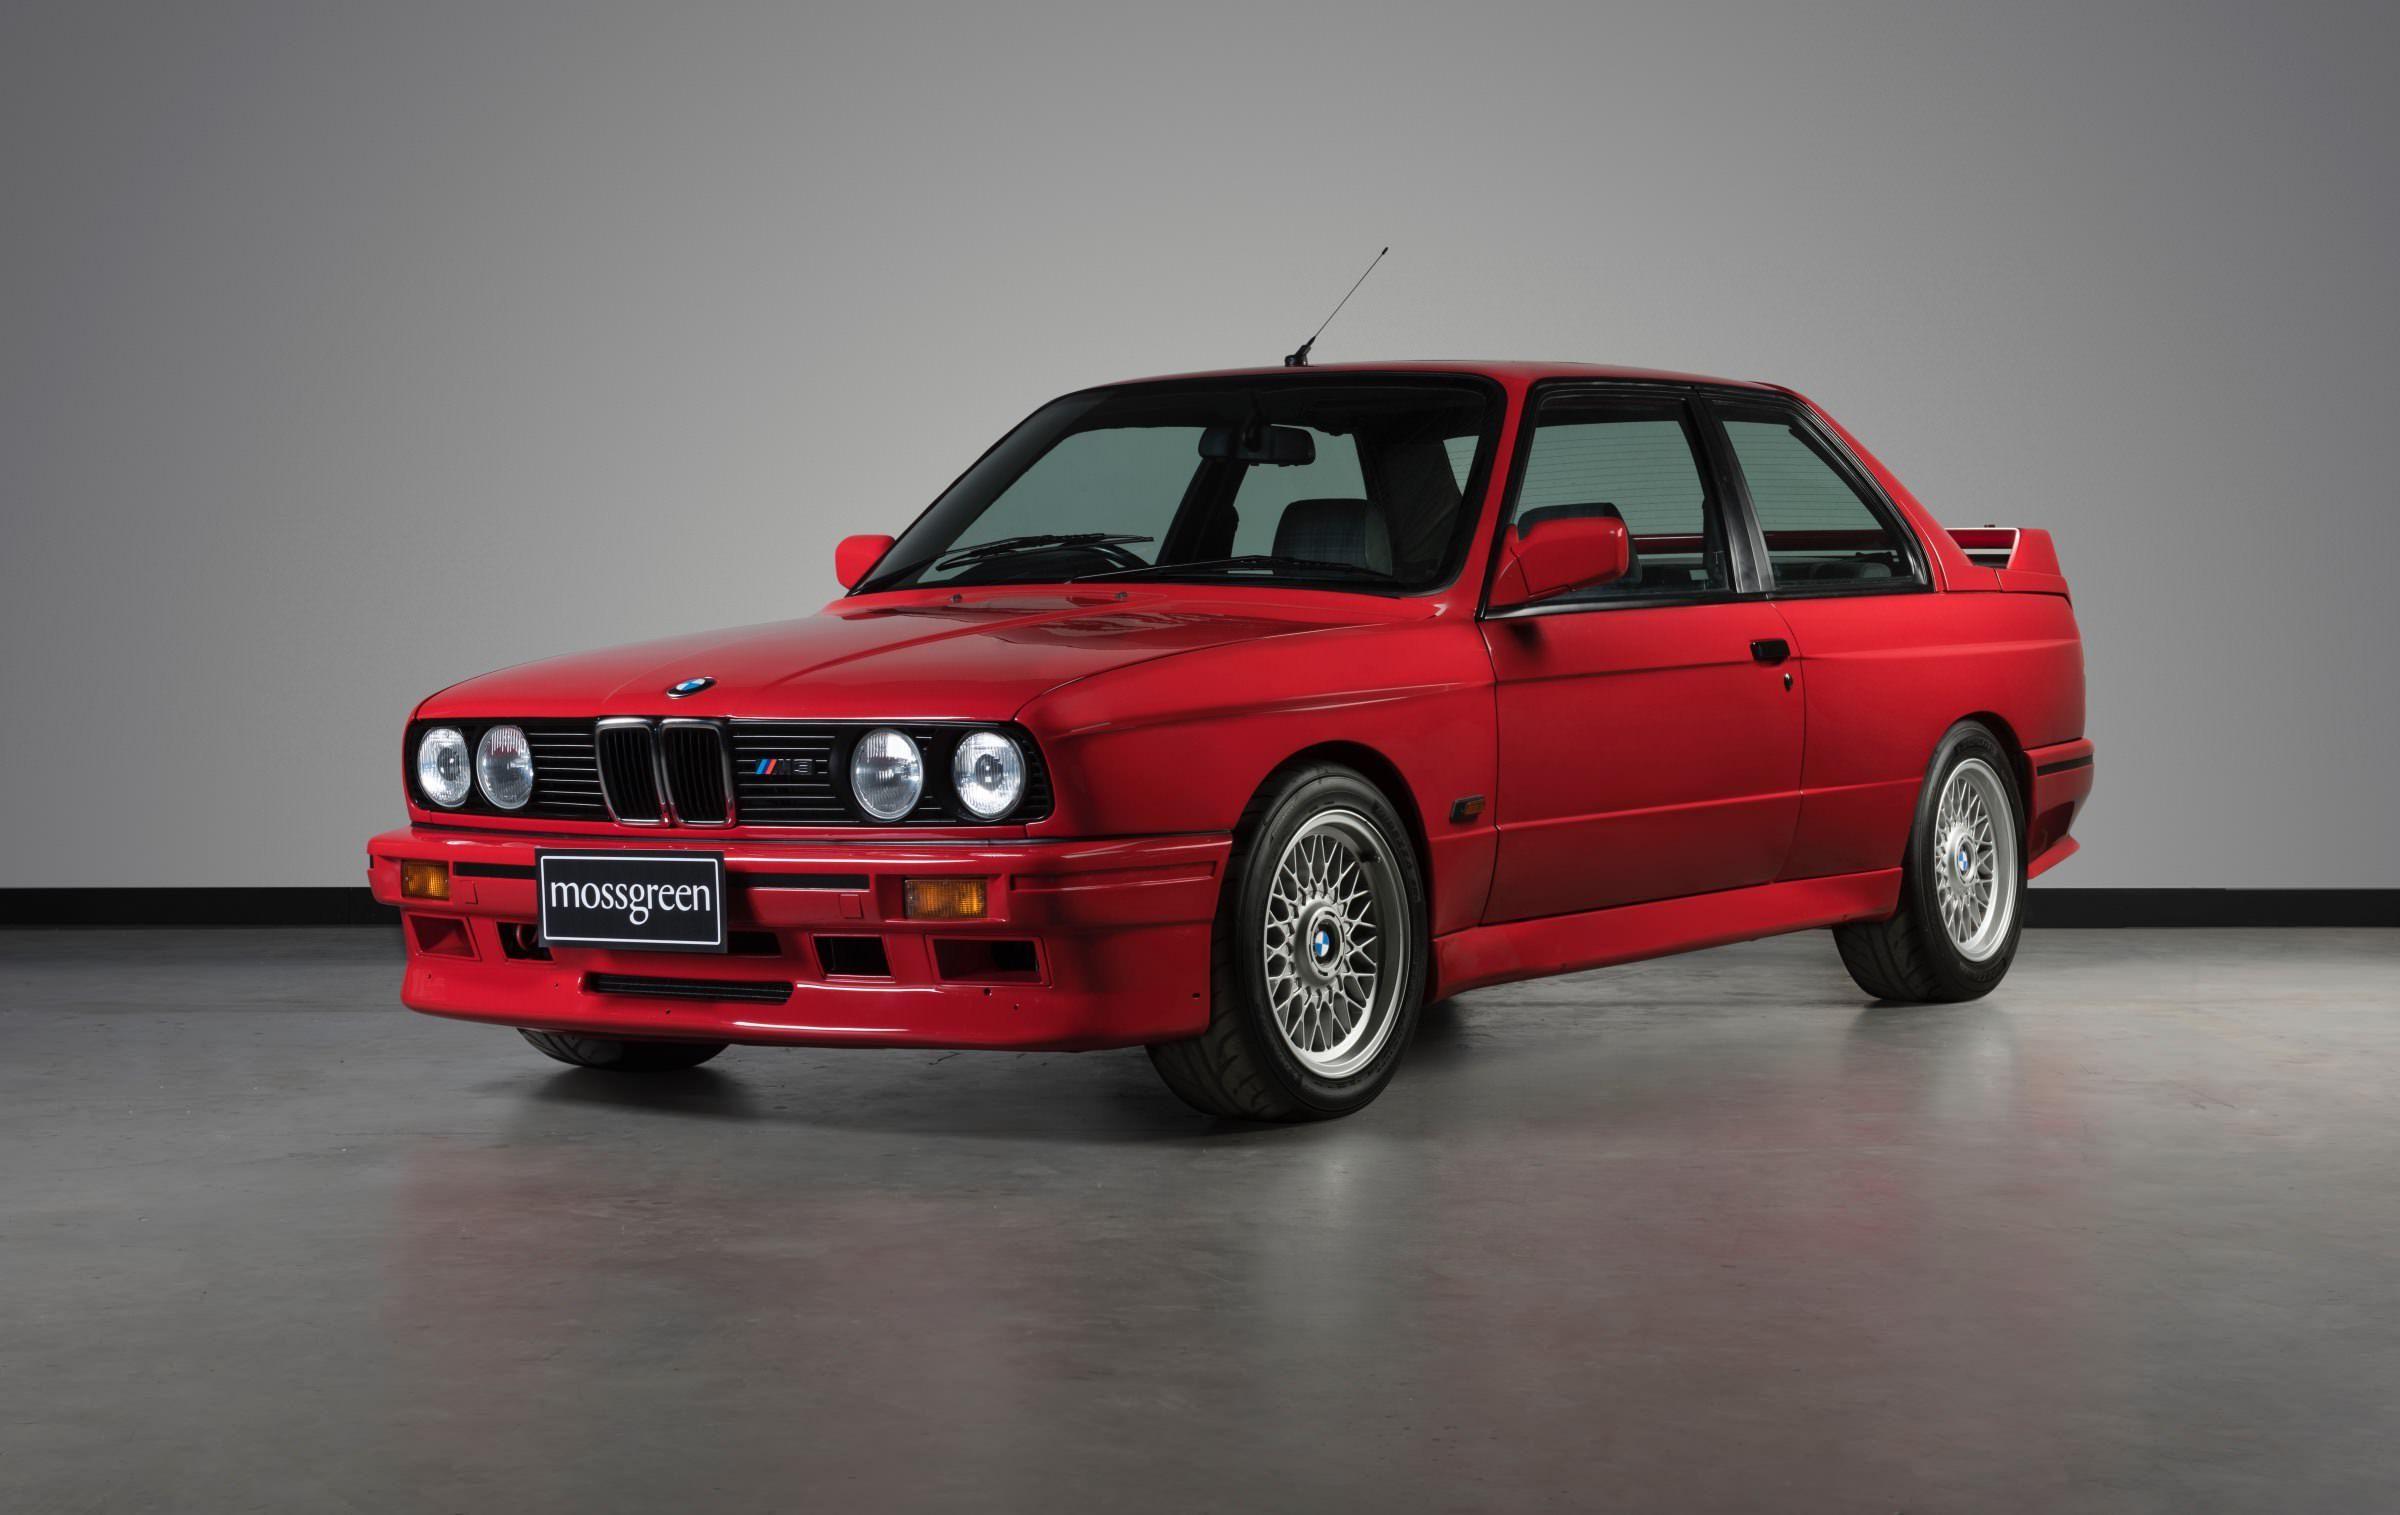 1988 Bmw E30 M3 Evo 2 Bmw E30 Bmw E30 M3 Bmw